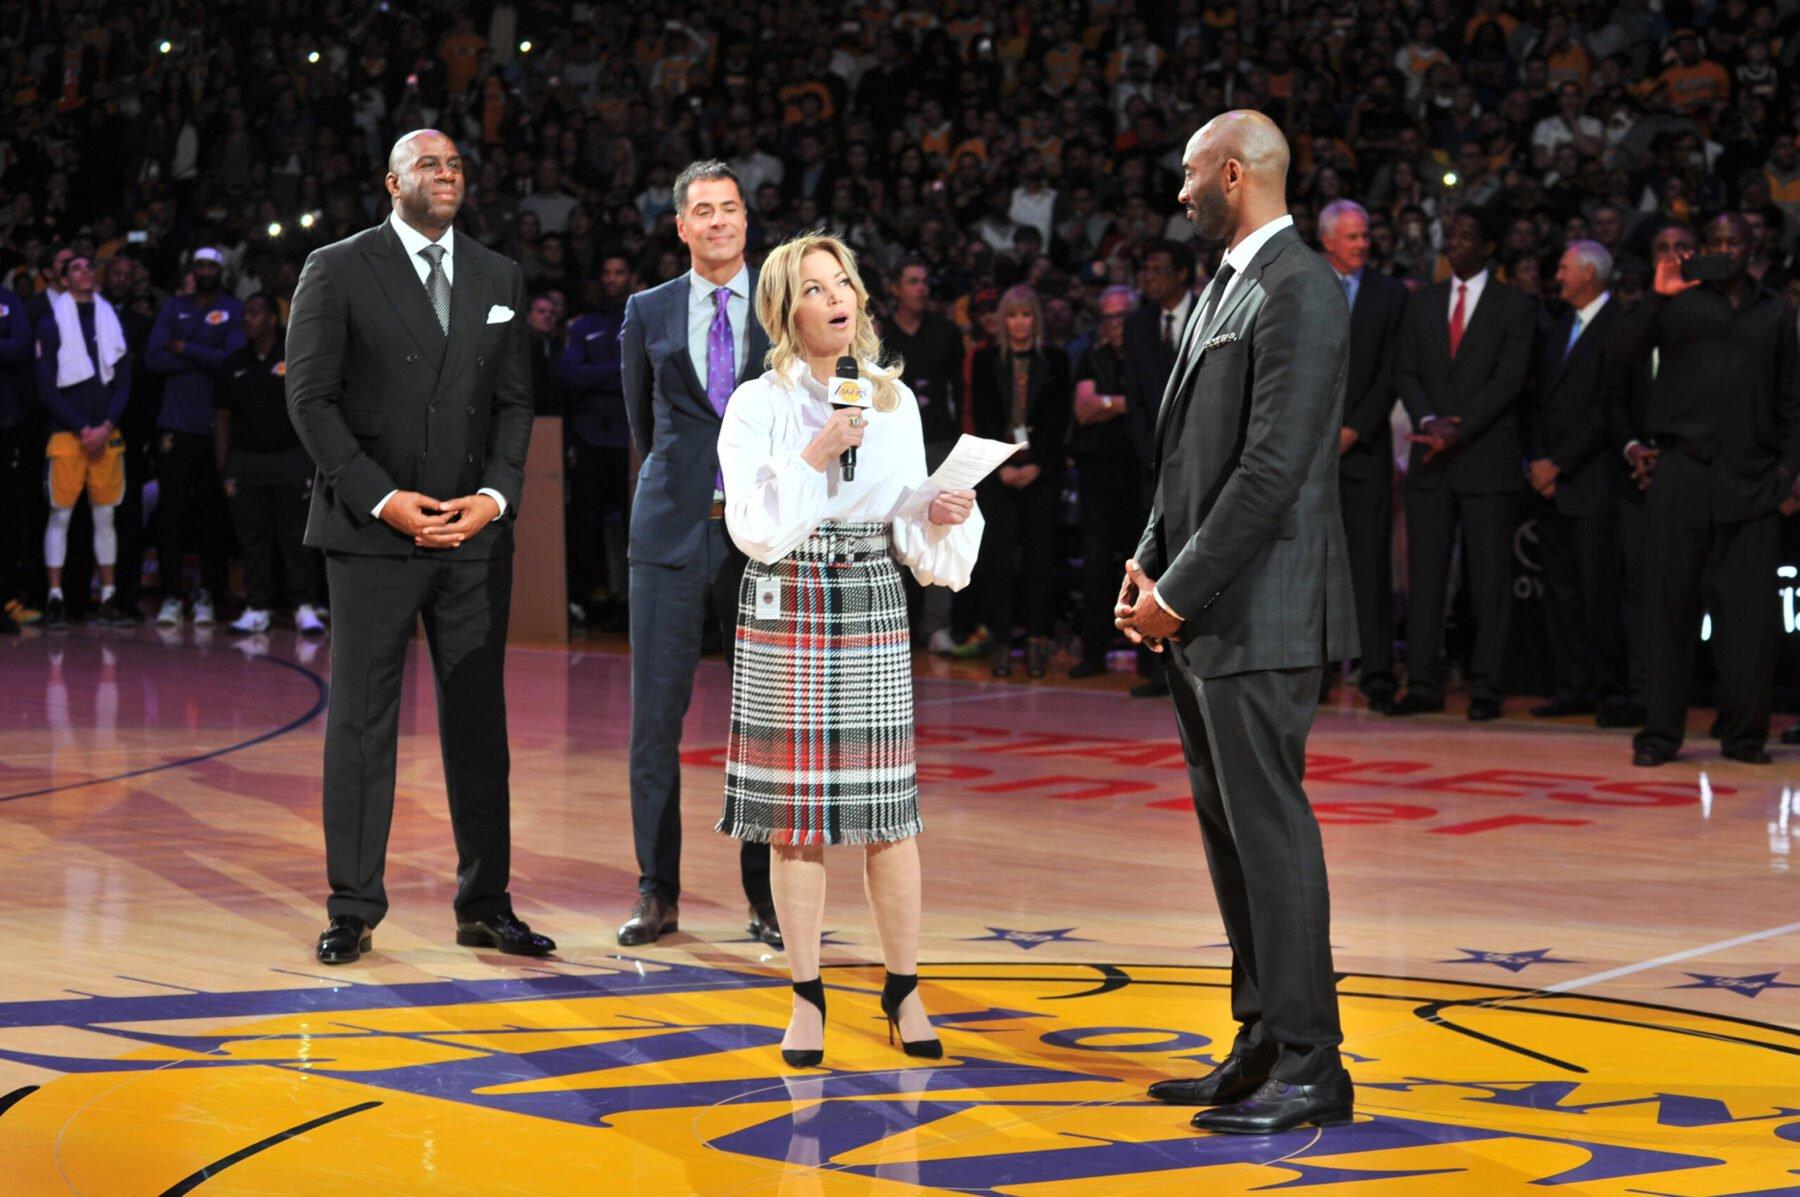 Kobe Bryant, David Stern, Jerry West, Jeanie Buss - Jeanie